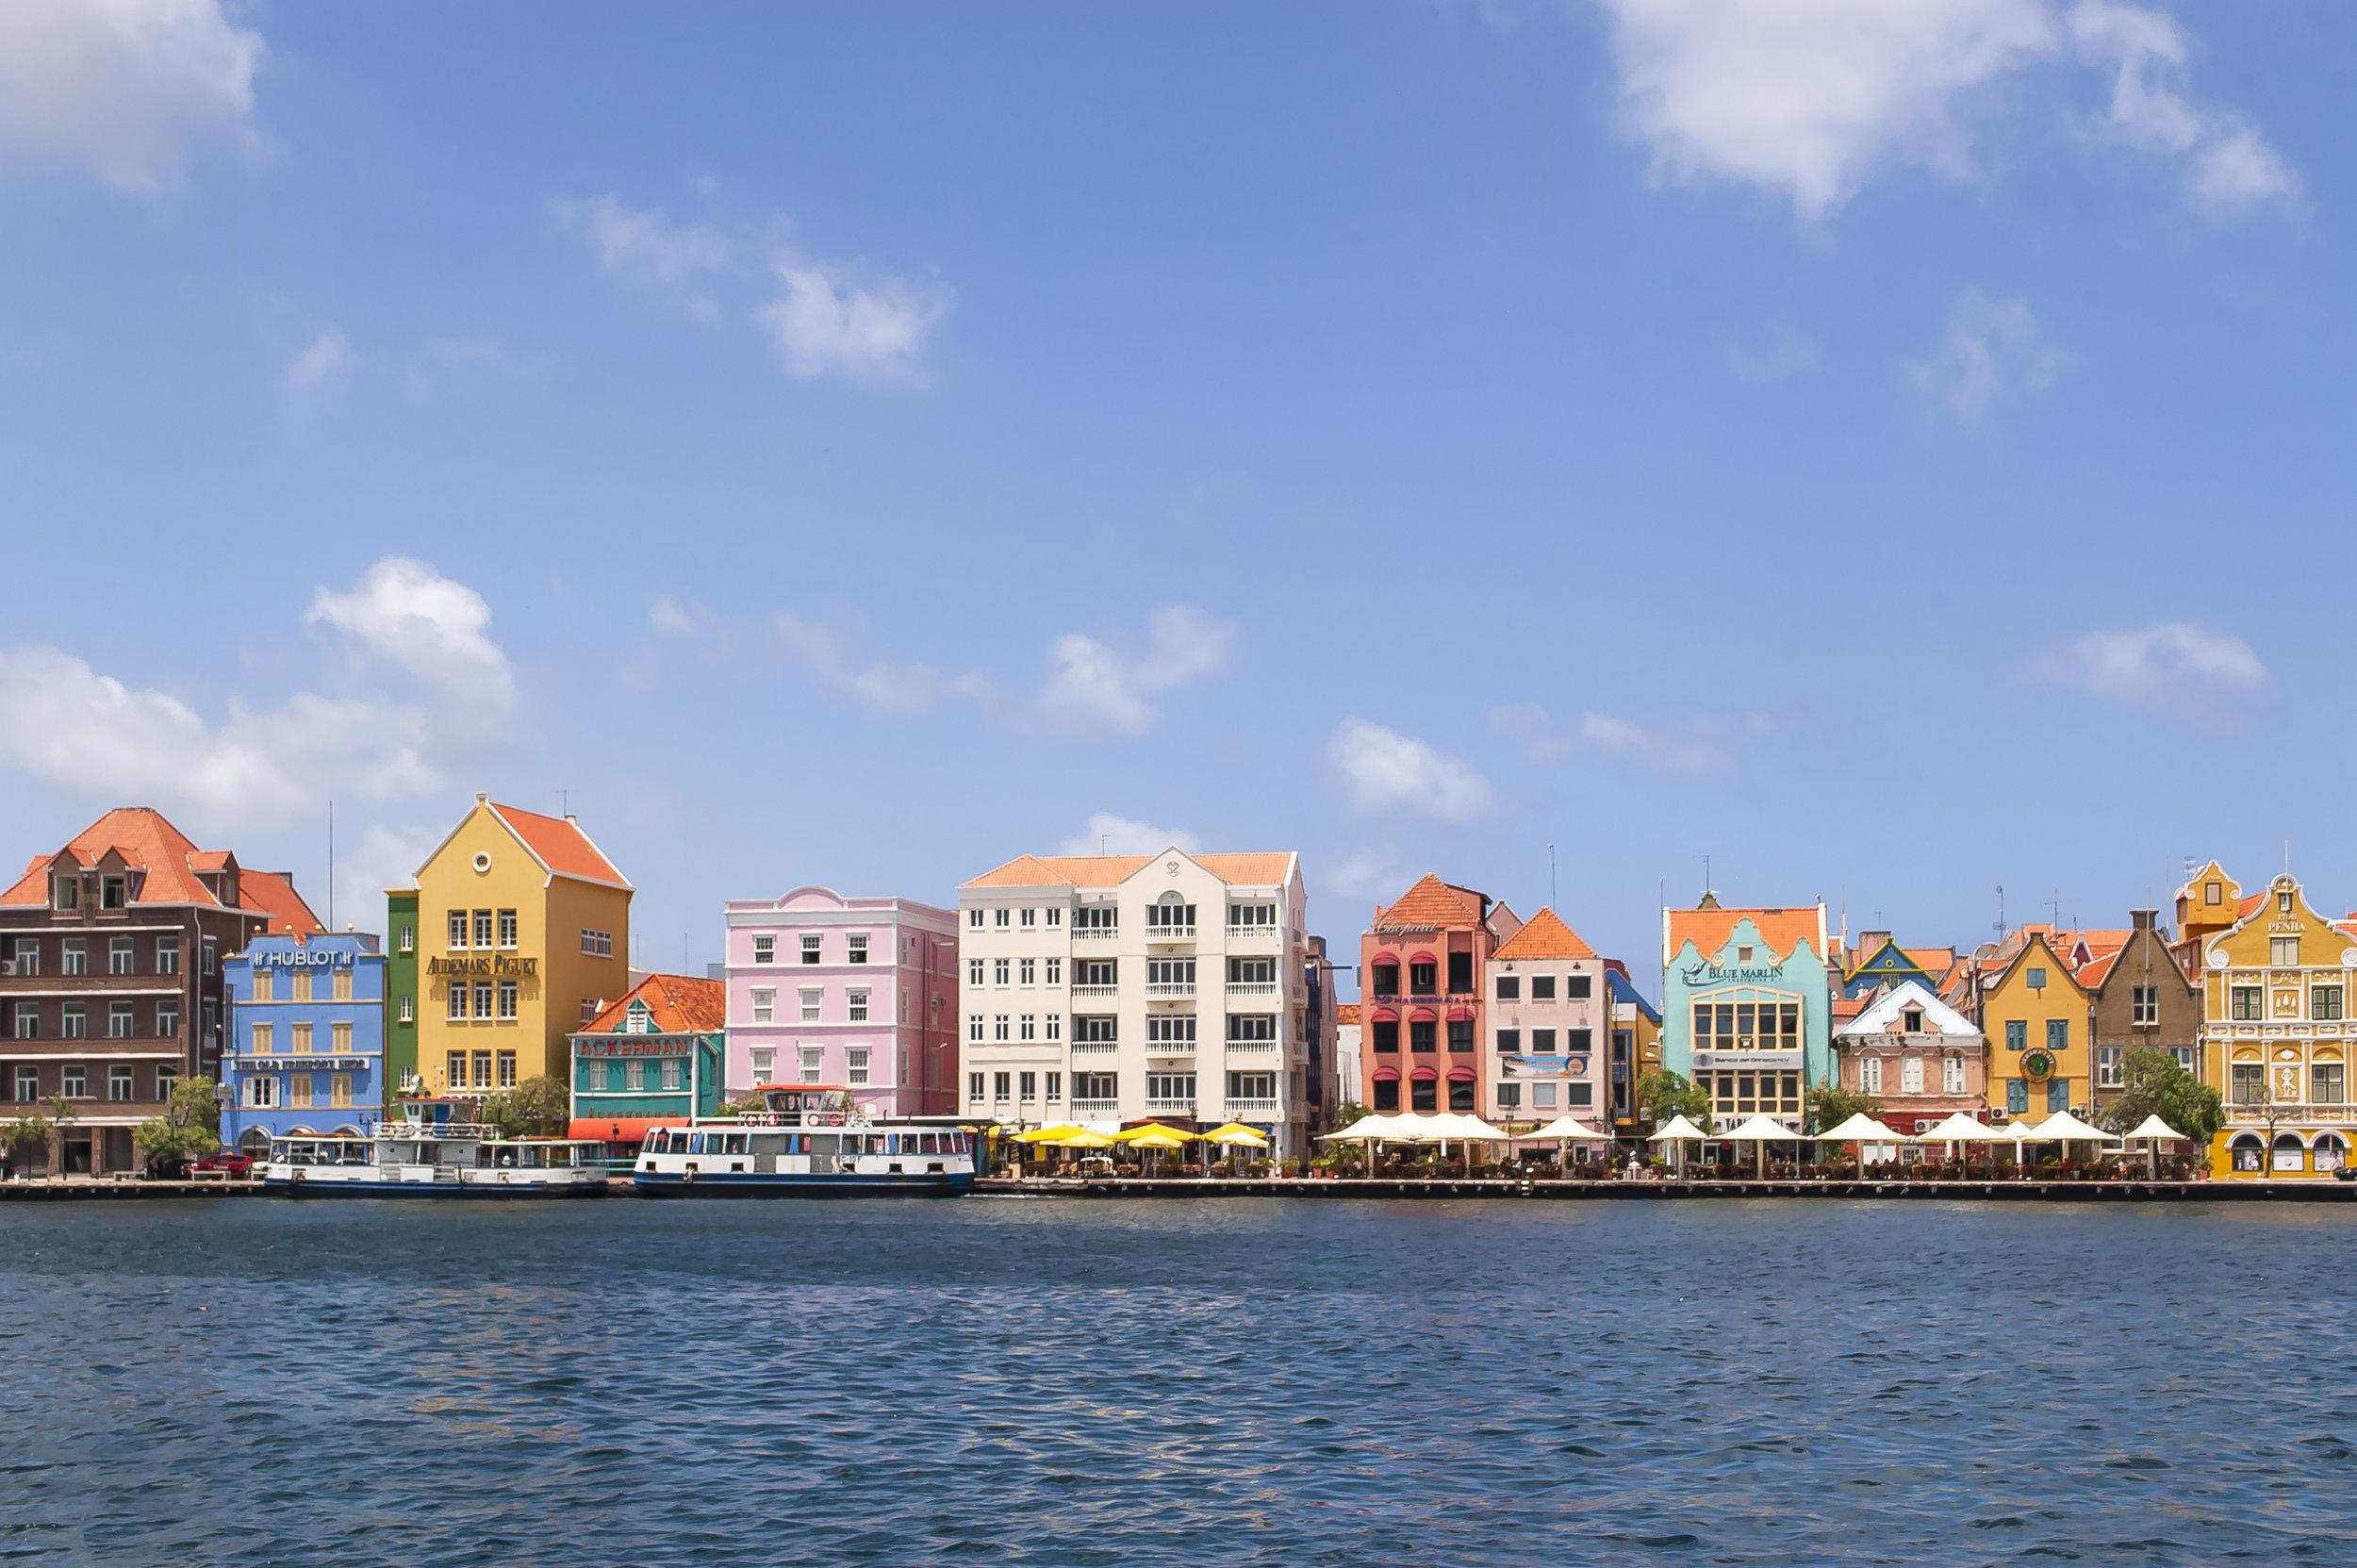 Amsterdam van de tropen - Willemstad wordt ook 'het Amsterdam van de tropen' genoemd. De ideale combinatie? Inderdaad.